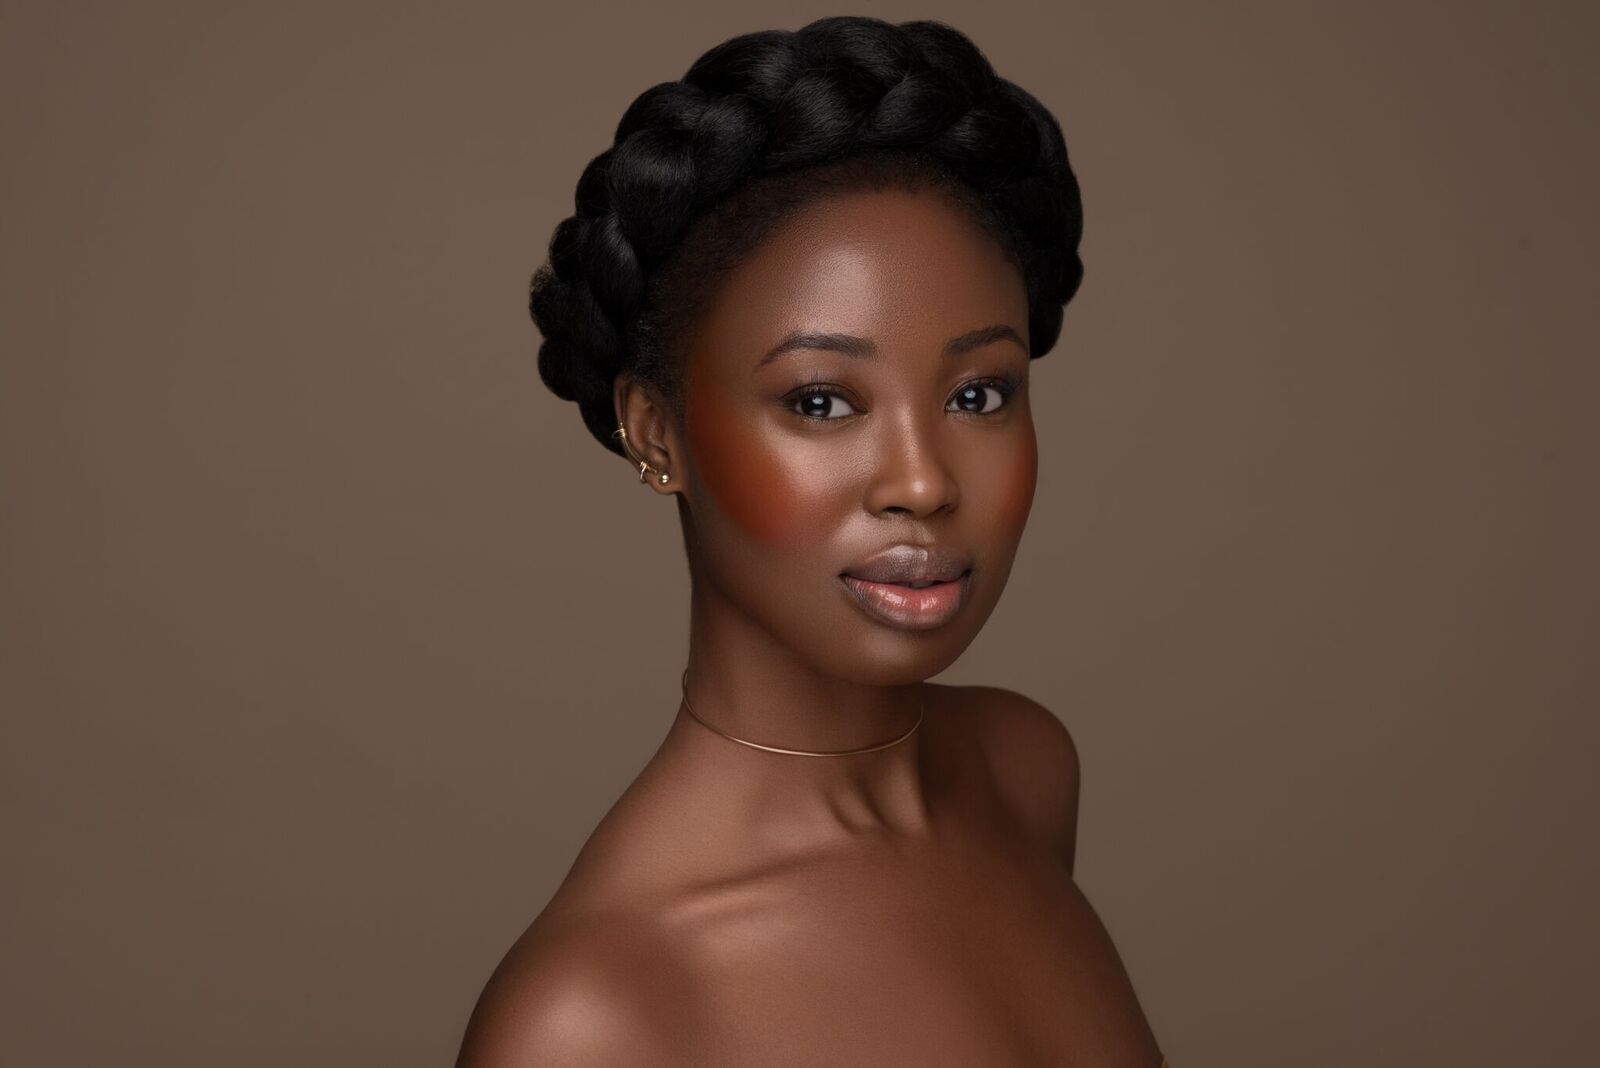 Самые черные африканки, Негритянки секс фото 4 фотография